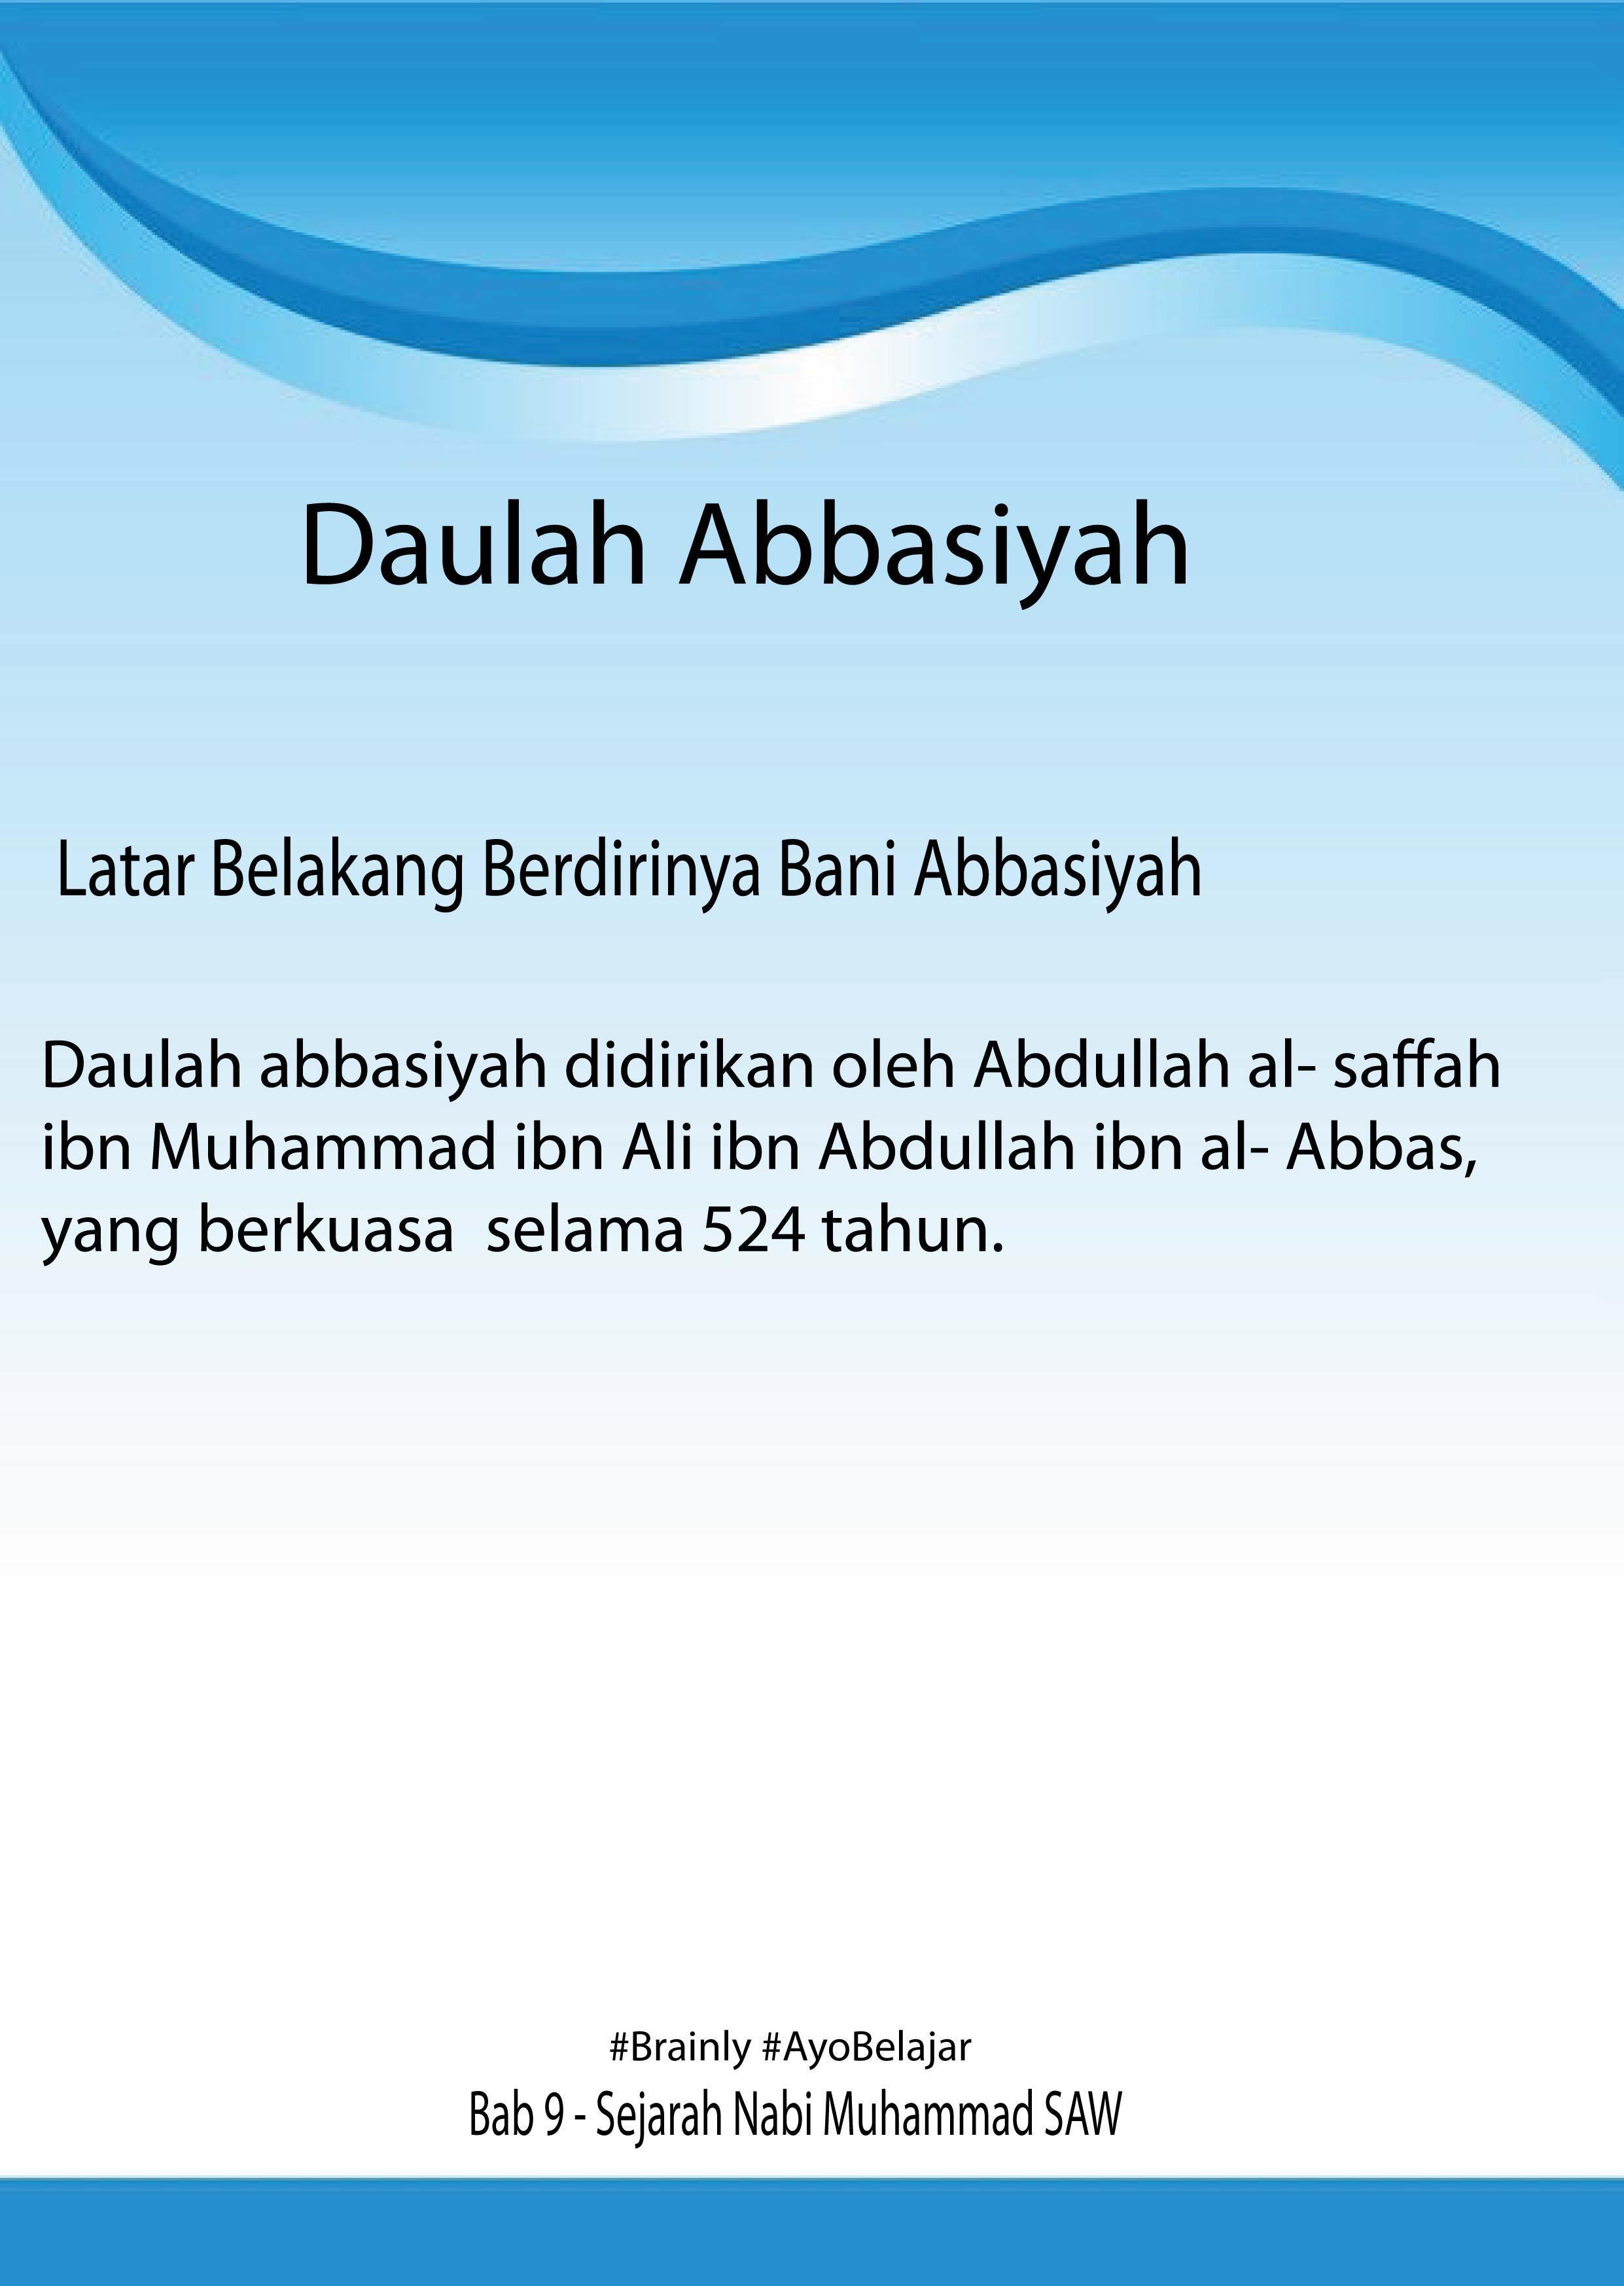 Proses Berdirinya Dinasti Abbasiyah : proses, berdirinya, dinasti, abbasiyah, Jelaskan, Faktor, Mempengaruhi, Berdirinya, Daulah, Abbasiyah?, Brainly.co.id